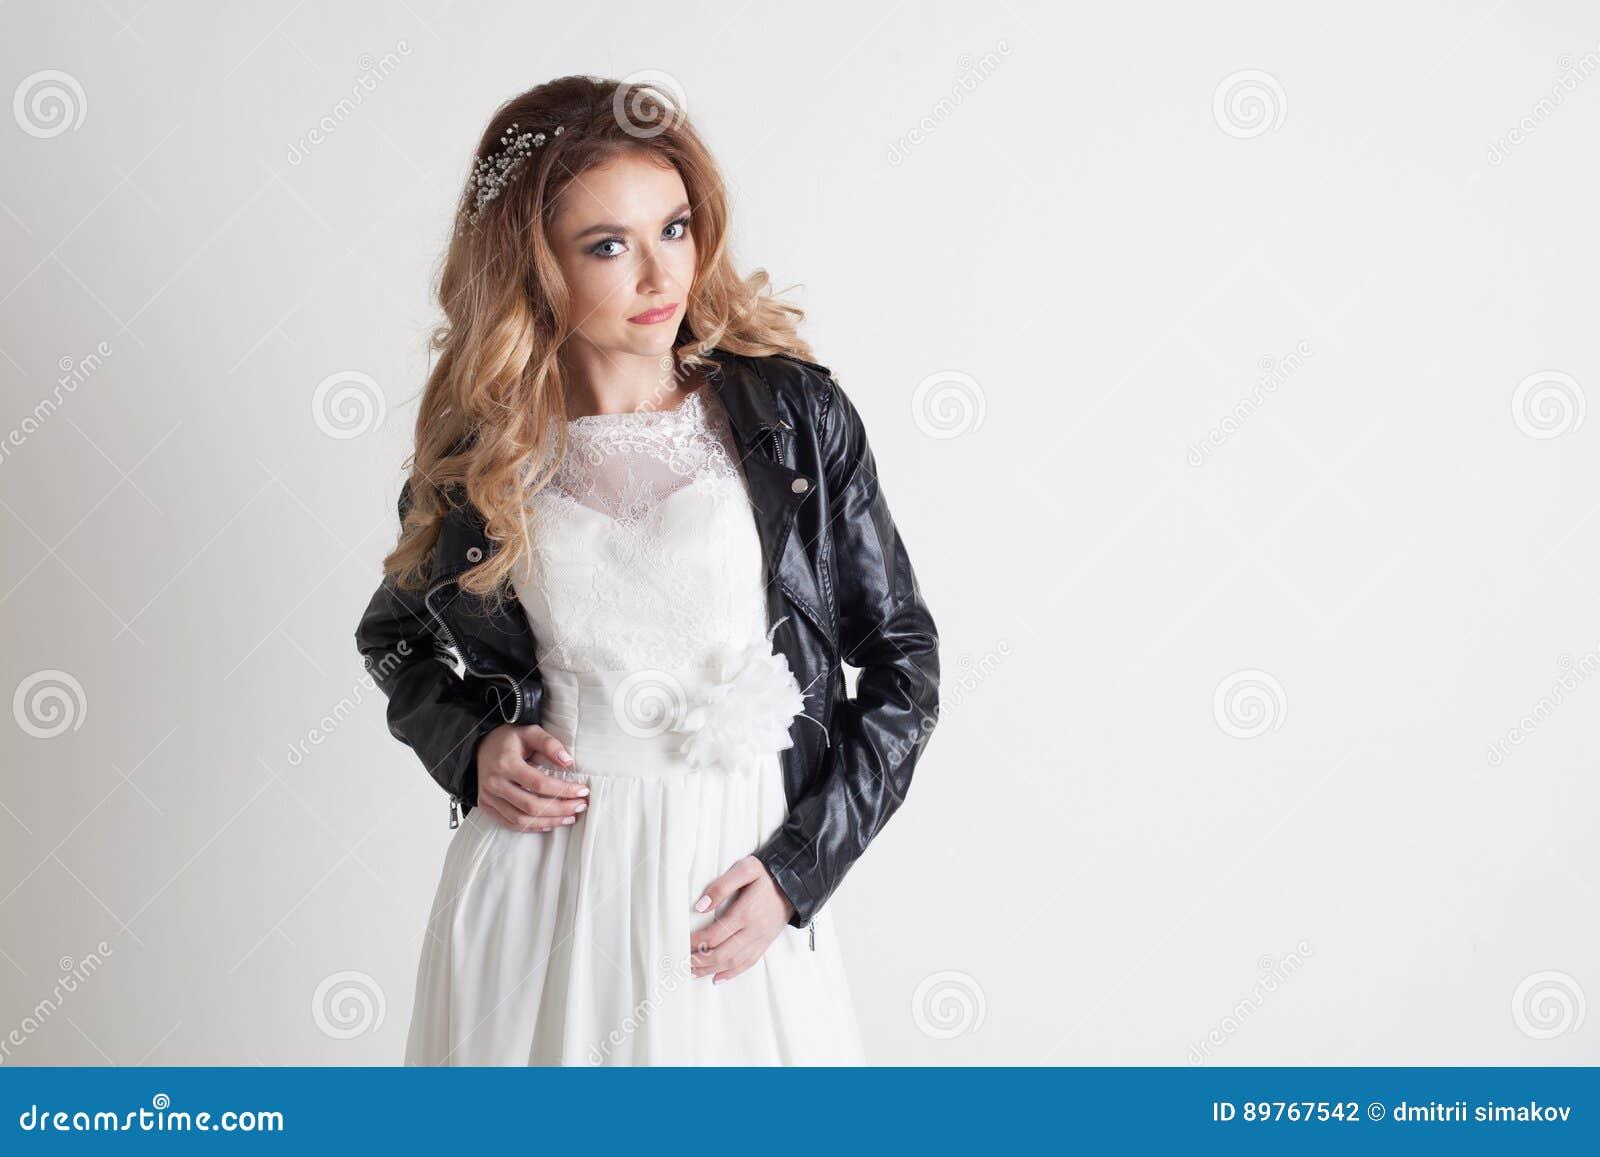 Braut Im Hochzeitskleid Und -Lederjacke Stockfoto - Bild von schön ...